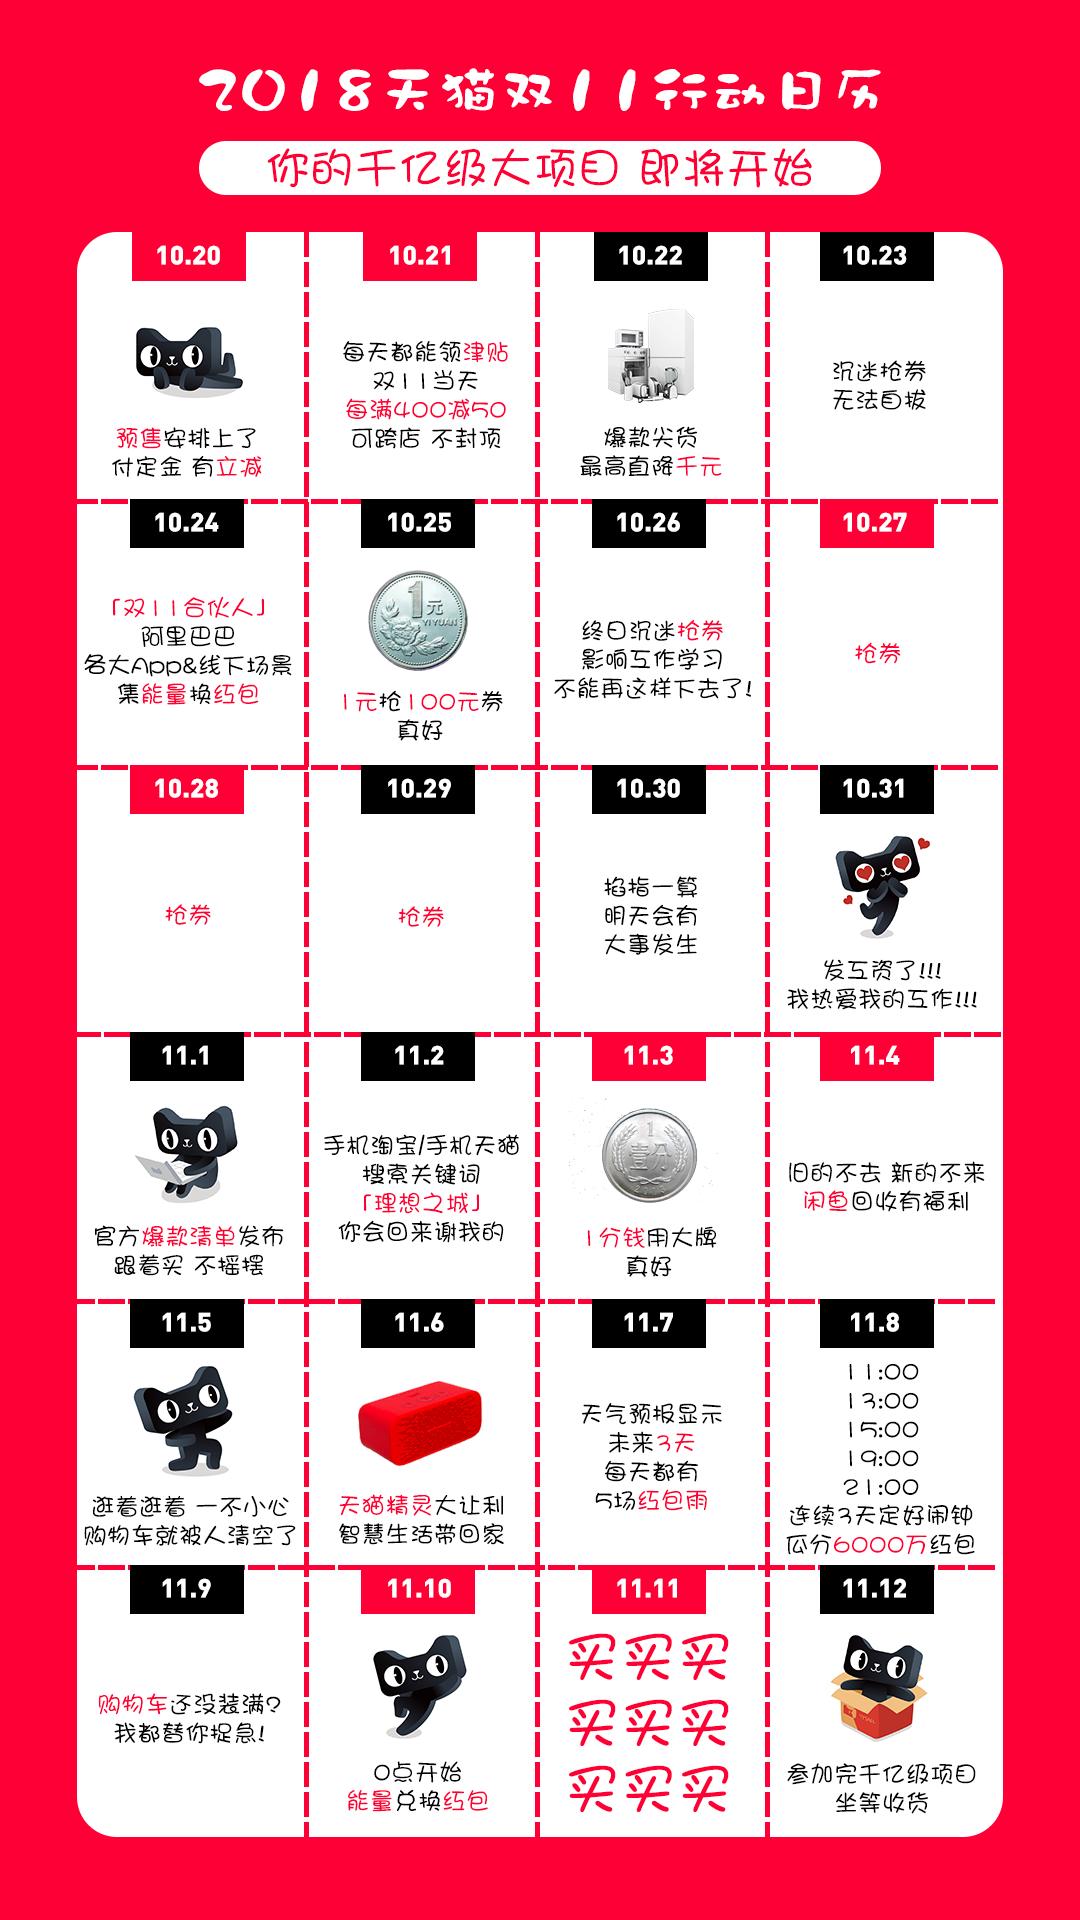 【早报】10G内存的小米MIX3值得期待?